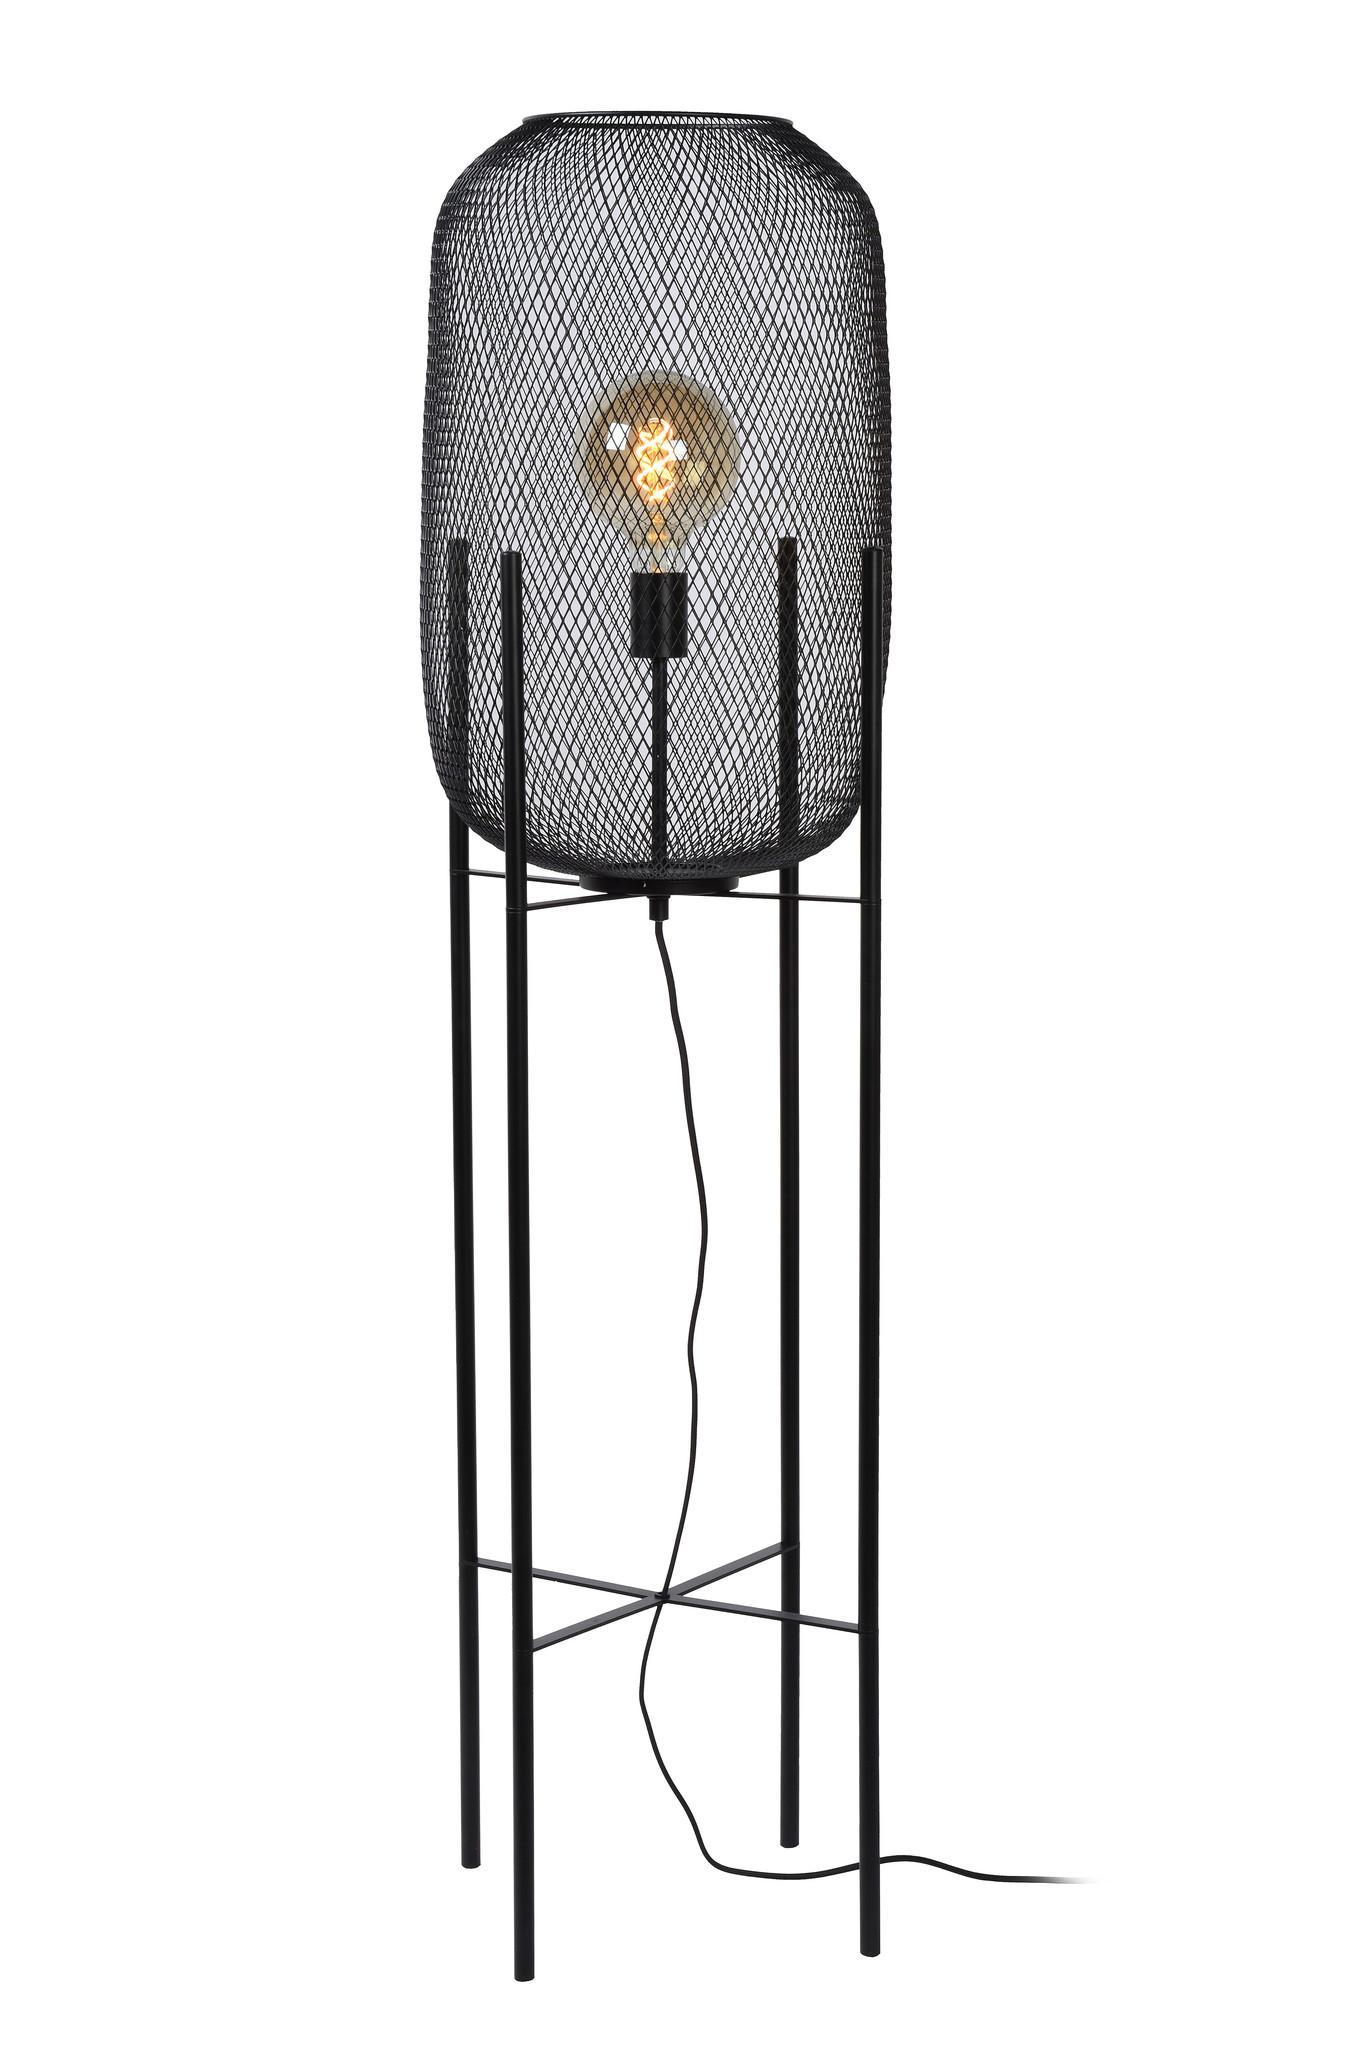 Lucide MESH Vloerlamp Ø39cm E27/40W Zwart